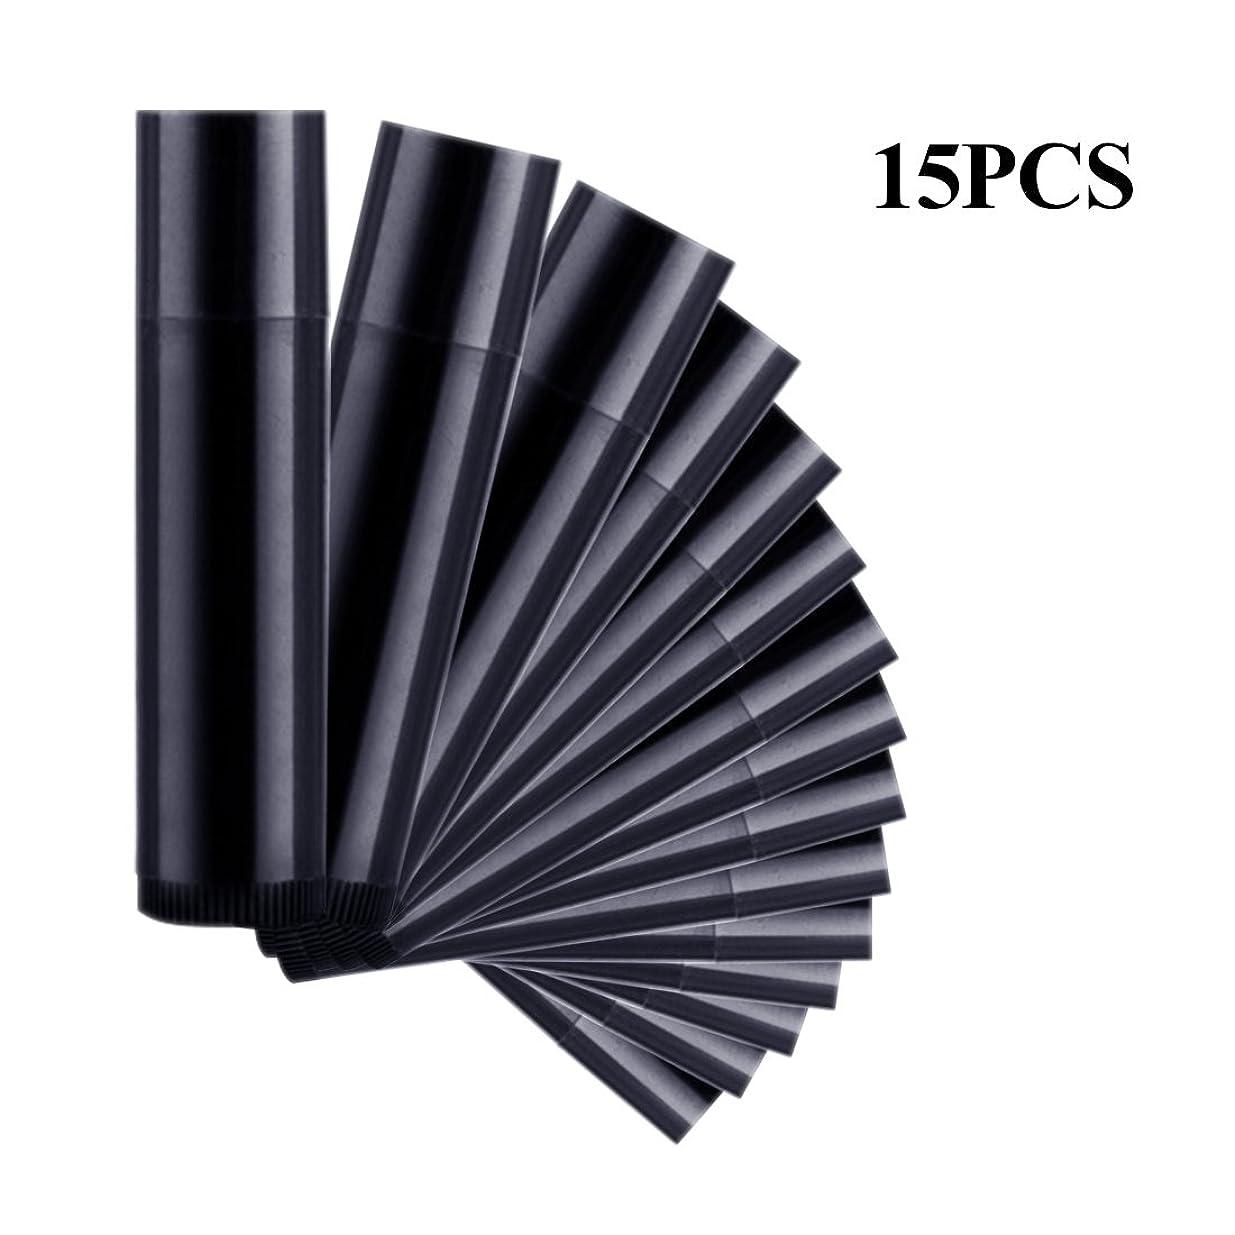 テープ突き刺すトレースRETYLY 15本 ブラック リップスティック 空のチューブ ワックスチューブ DIYリップスティックチューブ 化粧品包装ボトル5g